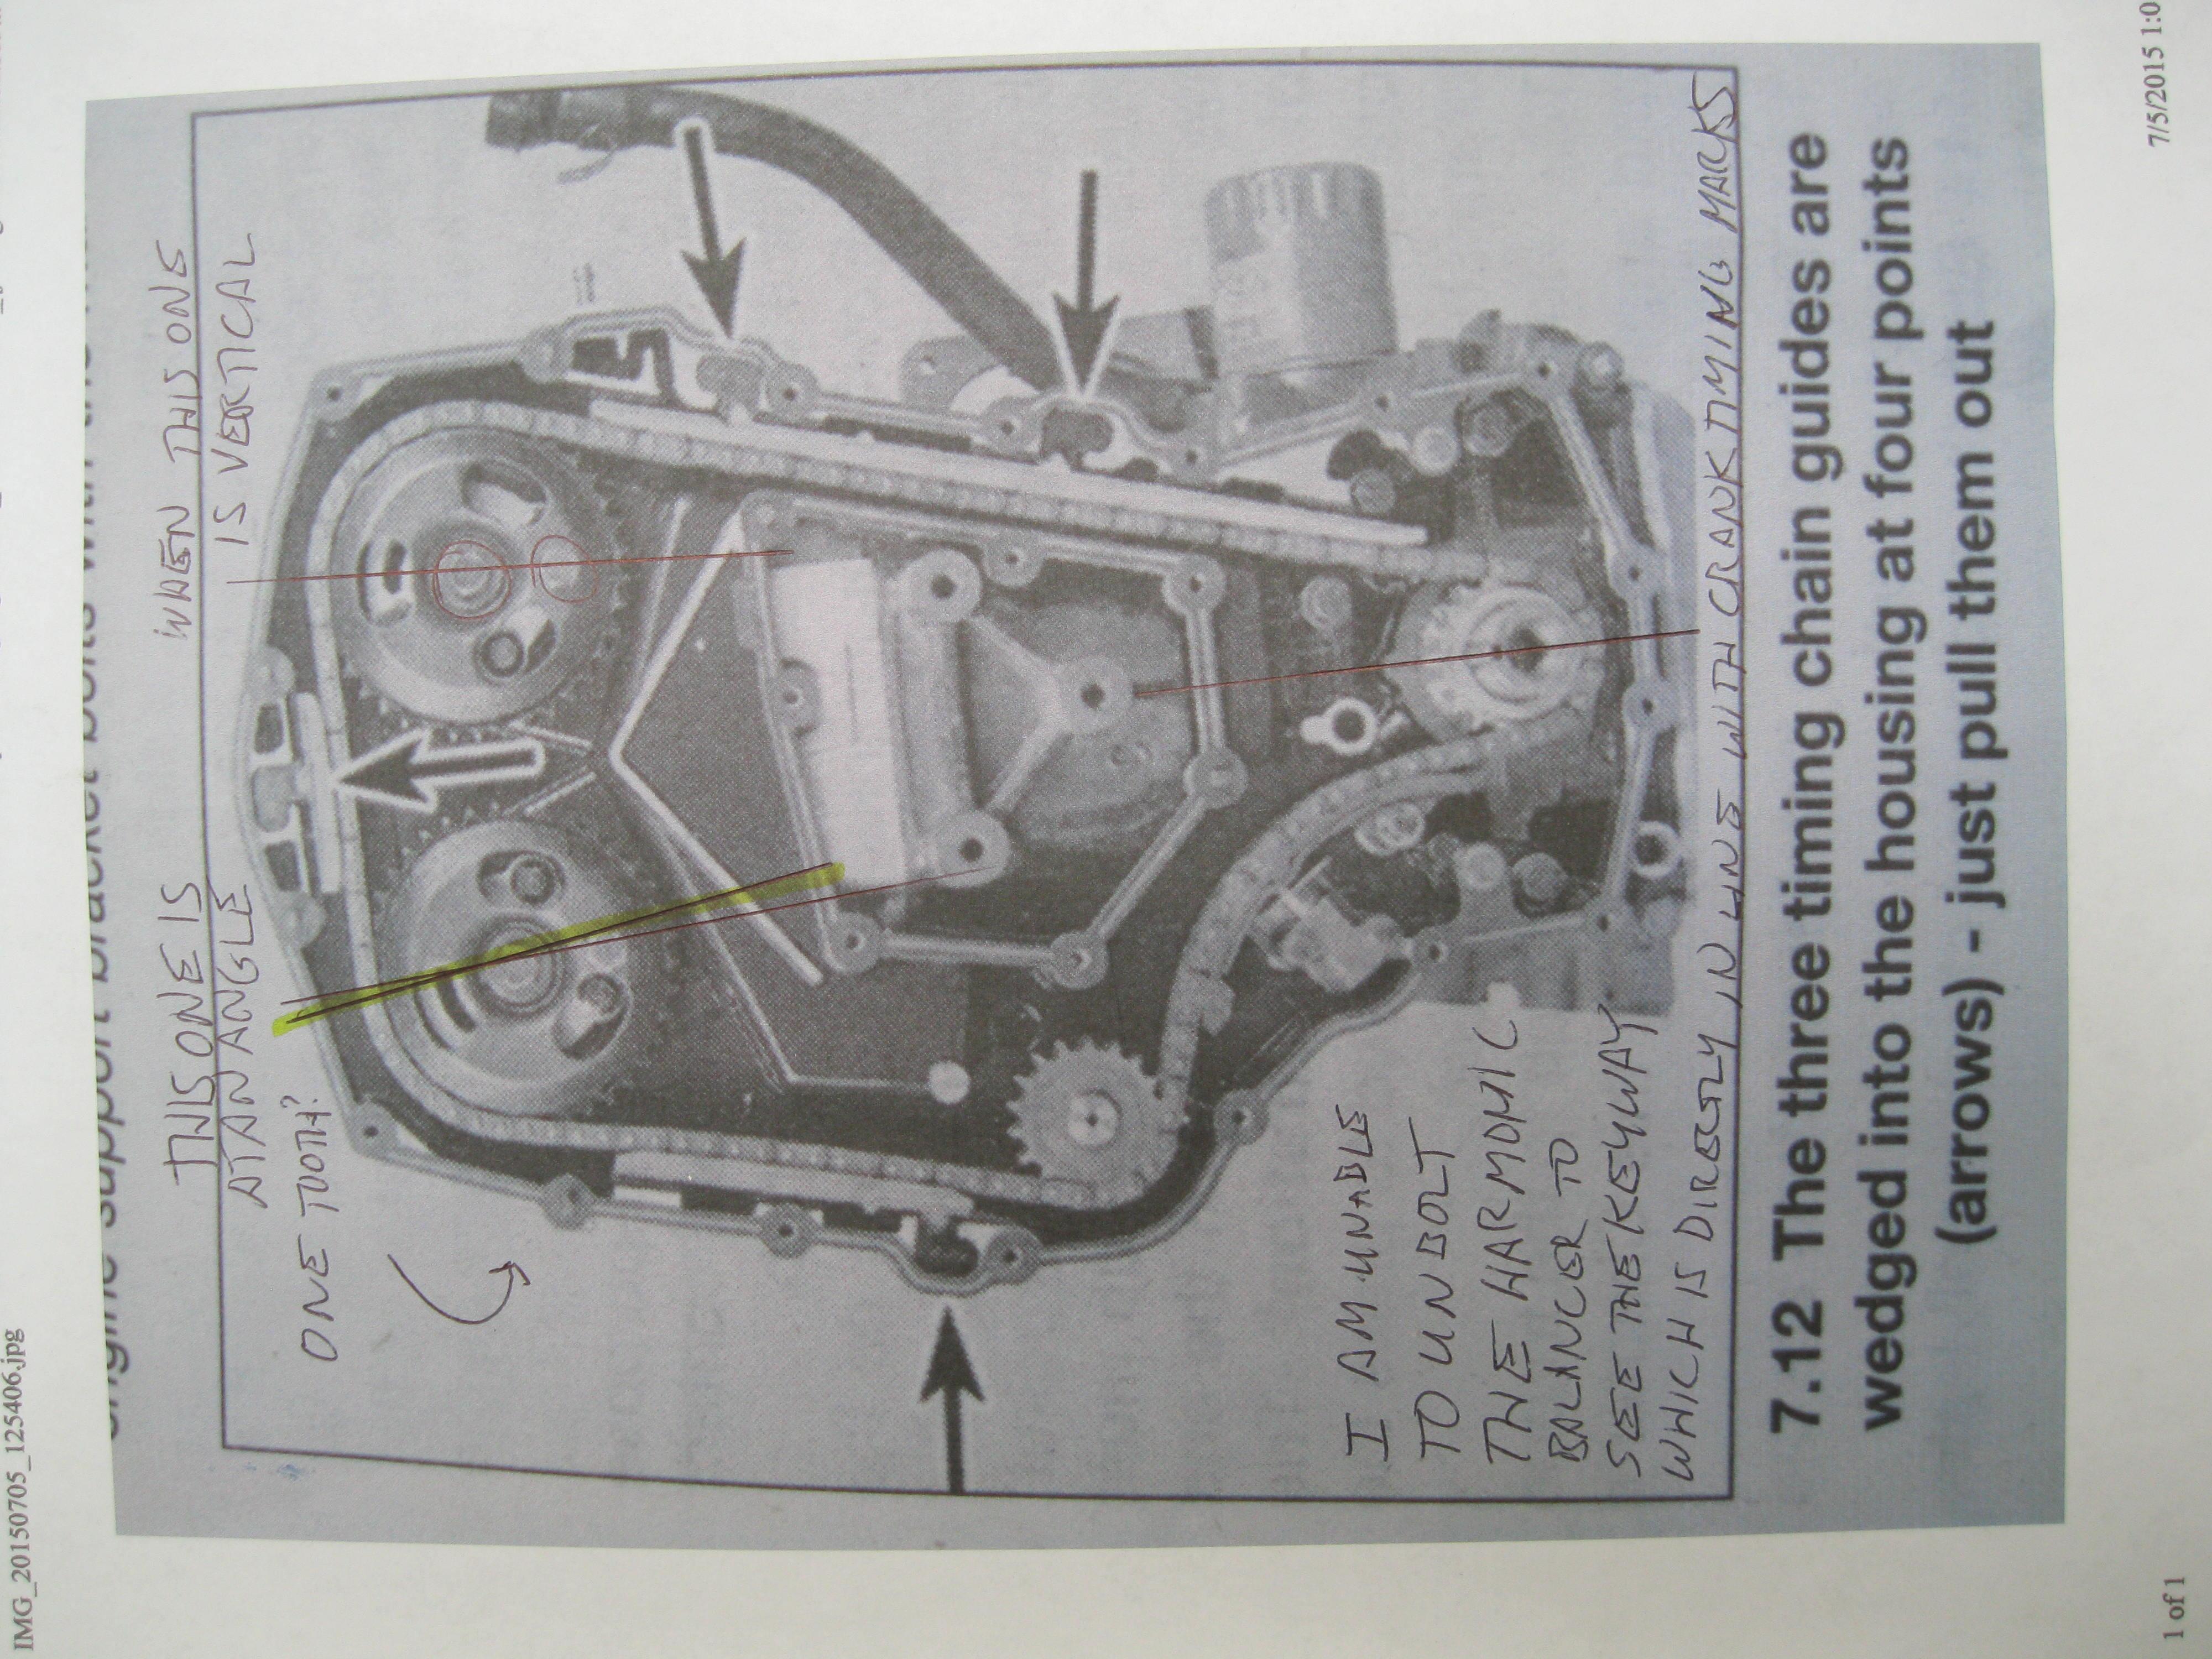 P0089 Saab